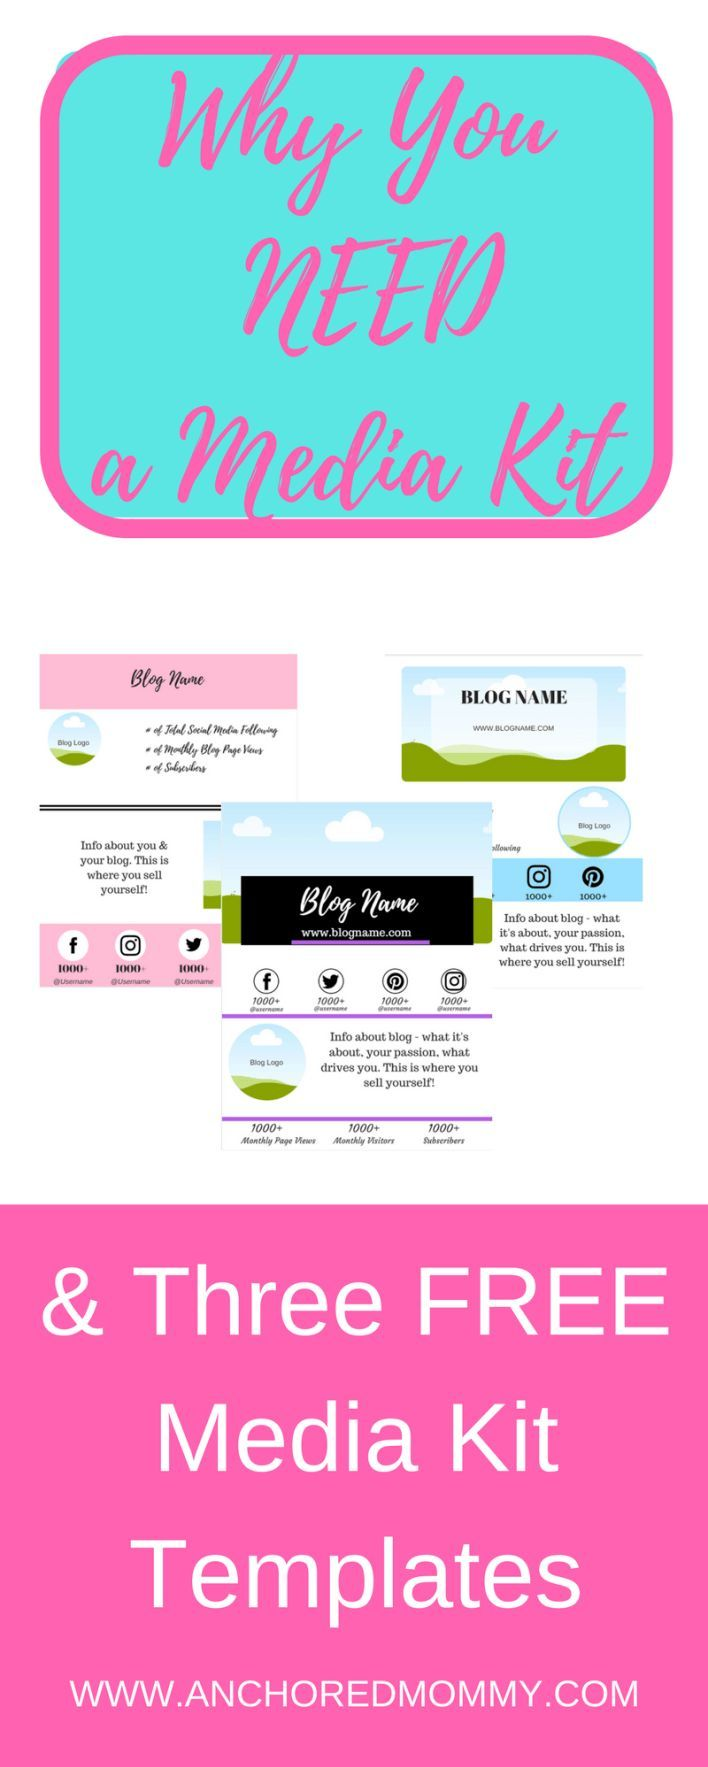 Why Bloggers Need a Media Kit + 3 Free Media Kit Templates - Anchored Mommy |media kit | media kit template | blogging tips | blogging media kit | #mediakit #mediakittemplate #bloggingtips